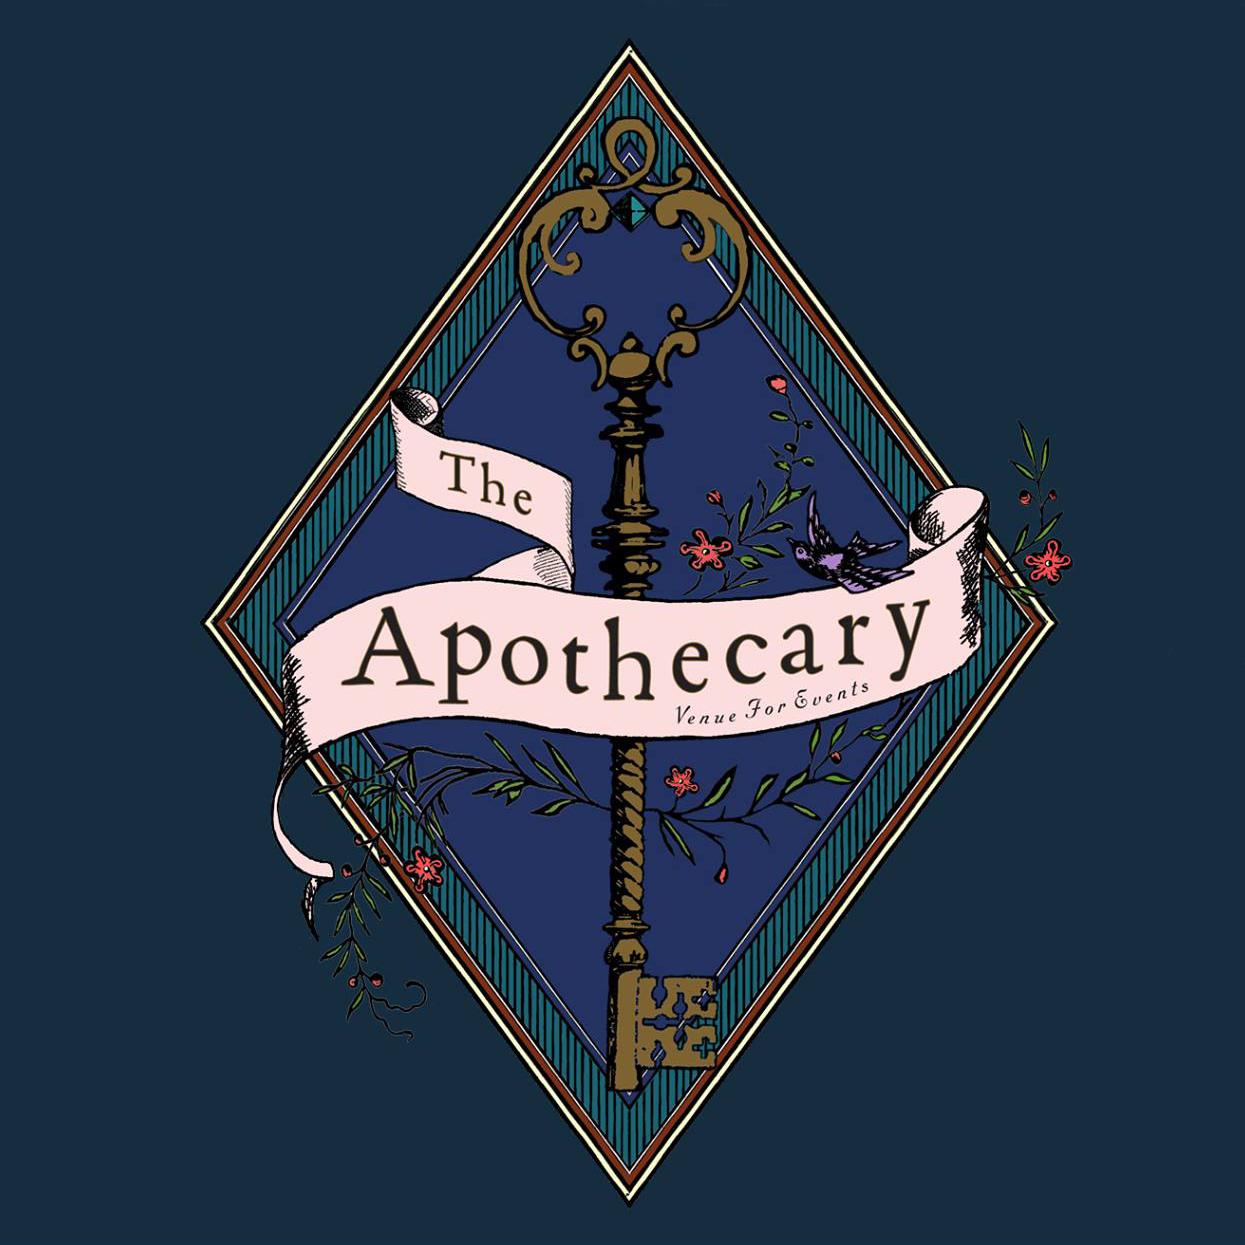 The Apothecary Venue